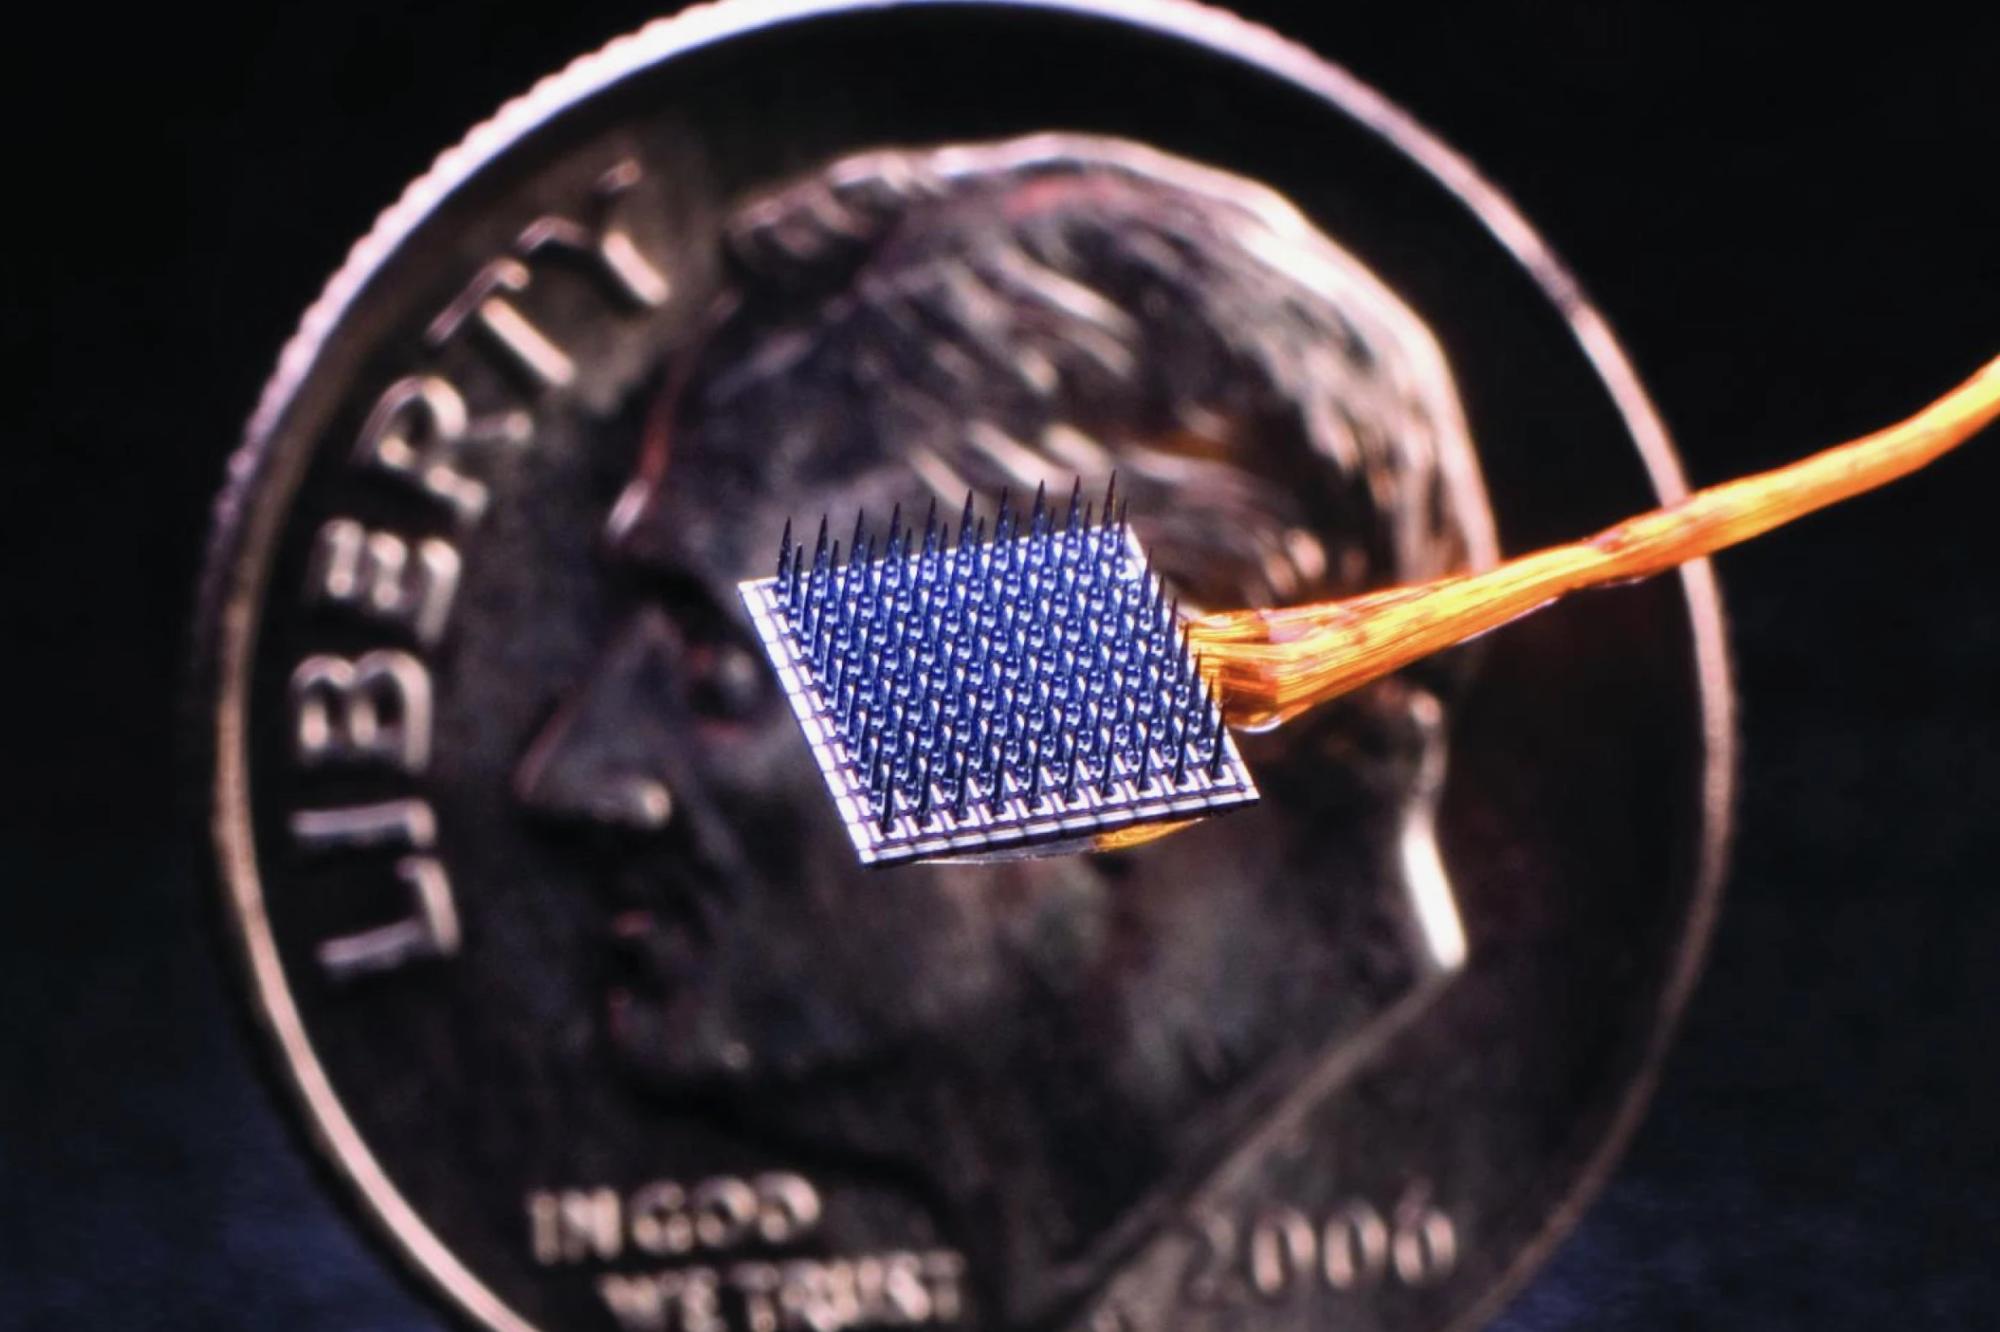 Thử nghiệm thành công chip gắn não có thể nhận biết và làm giảm cơn đau trong tích tắc